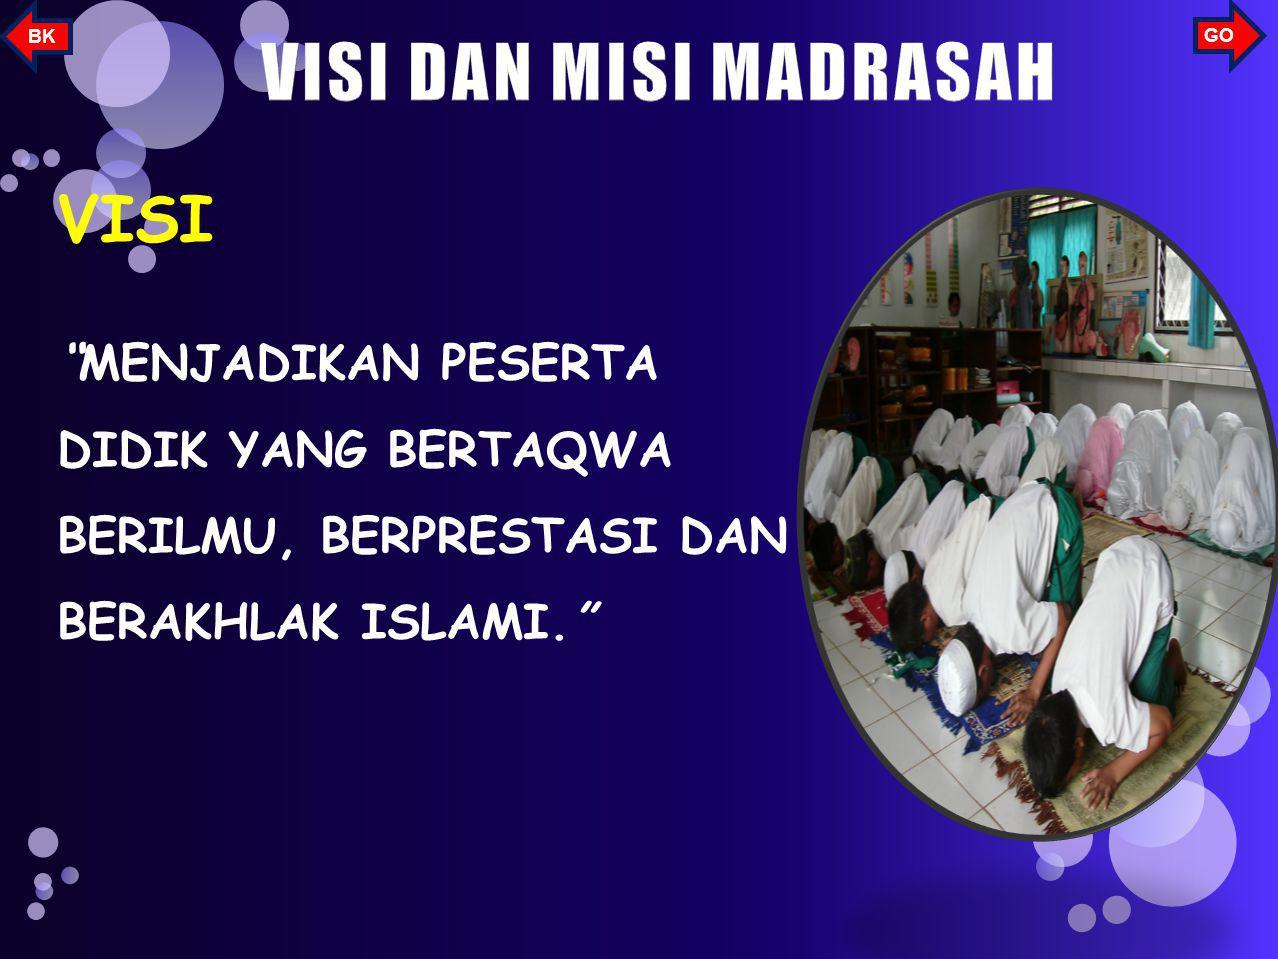 VISI MENJADIKAN PESERTA DIDIK YANG BERTAQWA BERILMU, BERPRESTASI DAN BERAKHLAK ISLAMI. GO BK